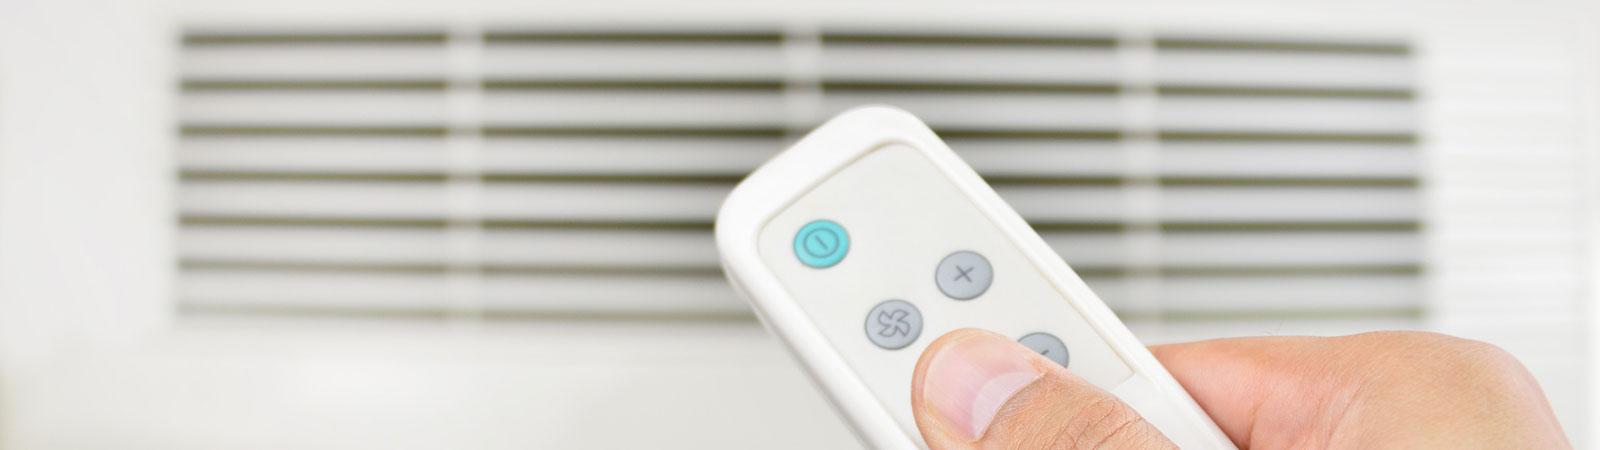 klimaanlage kaufen wohnkomfort energieeffizienz. Black Bedroom Furniture Sets. Home Design Ideas